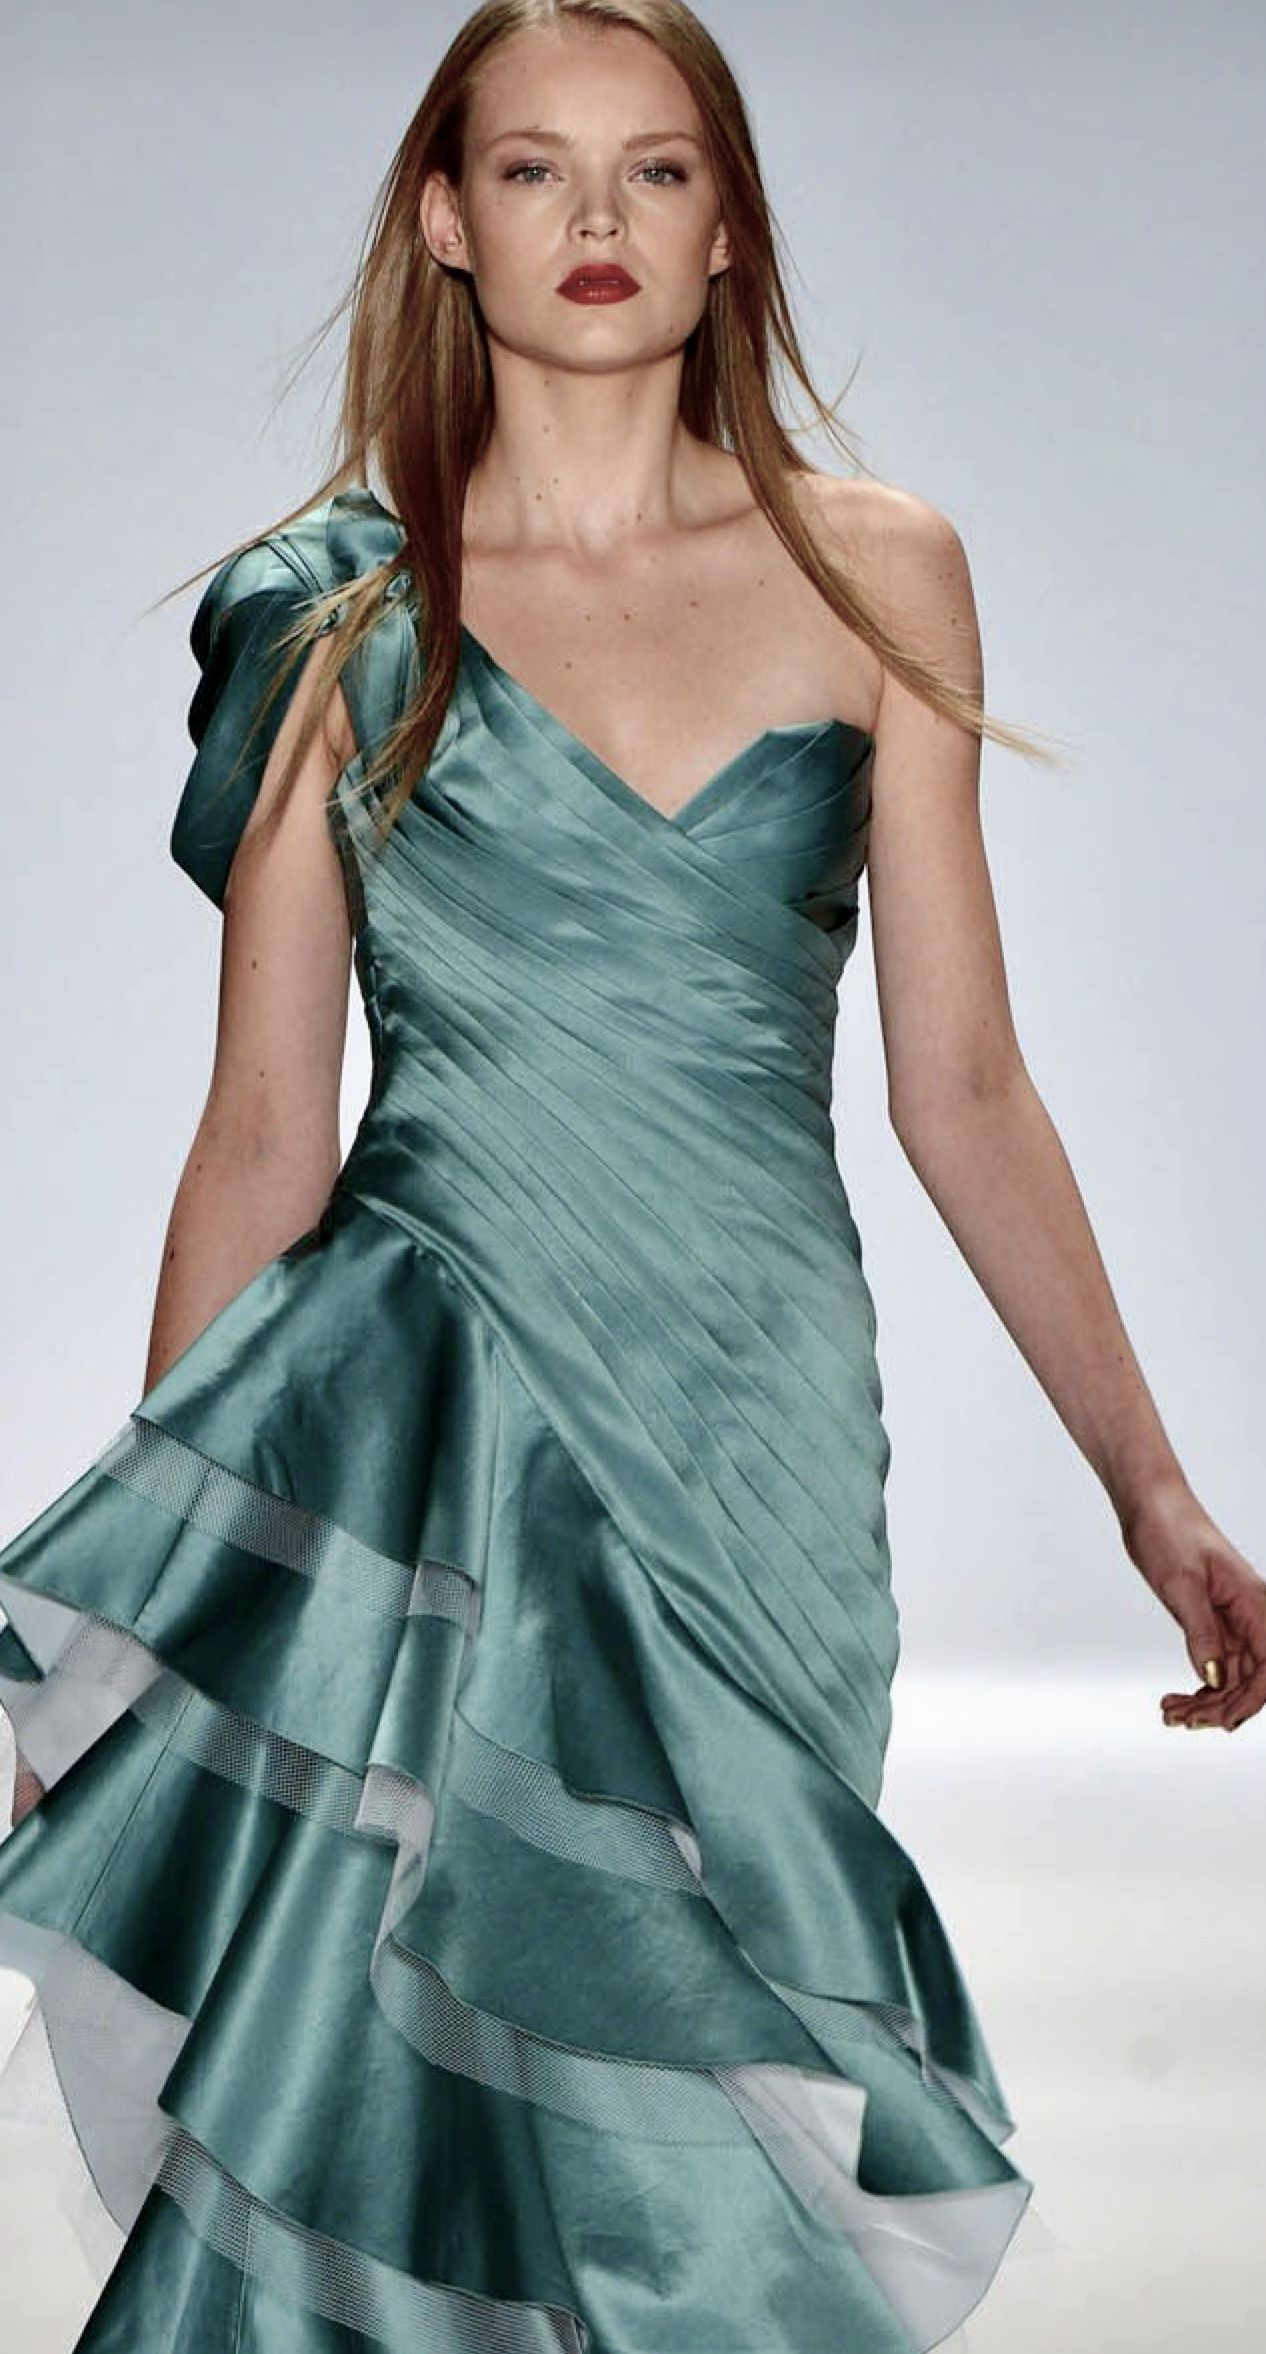 14+ Tie dye wedding dress for sale ideas in 2021